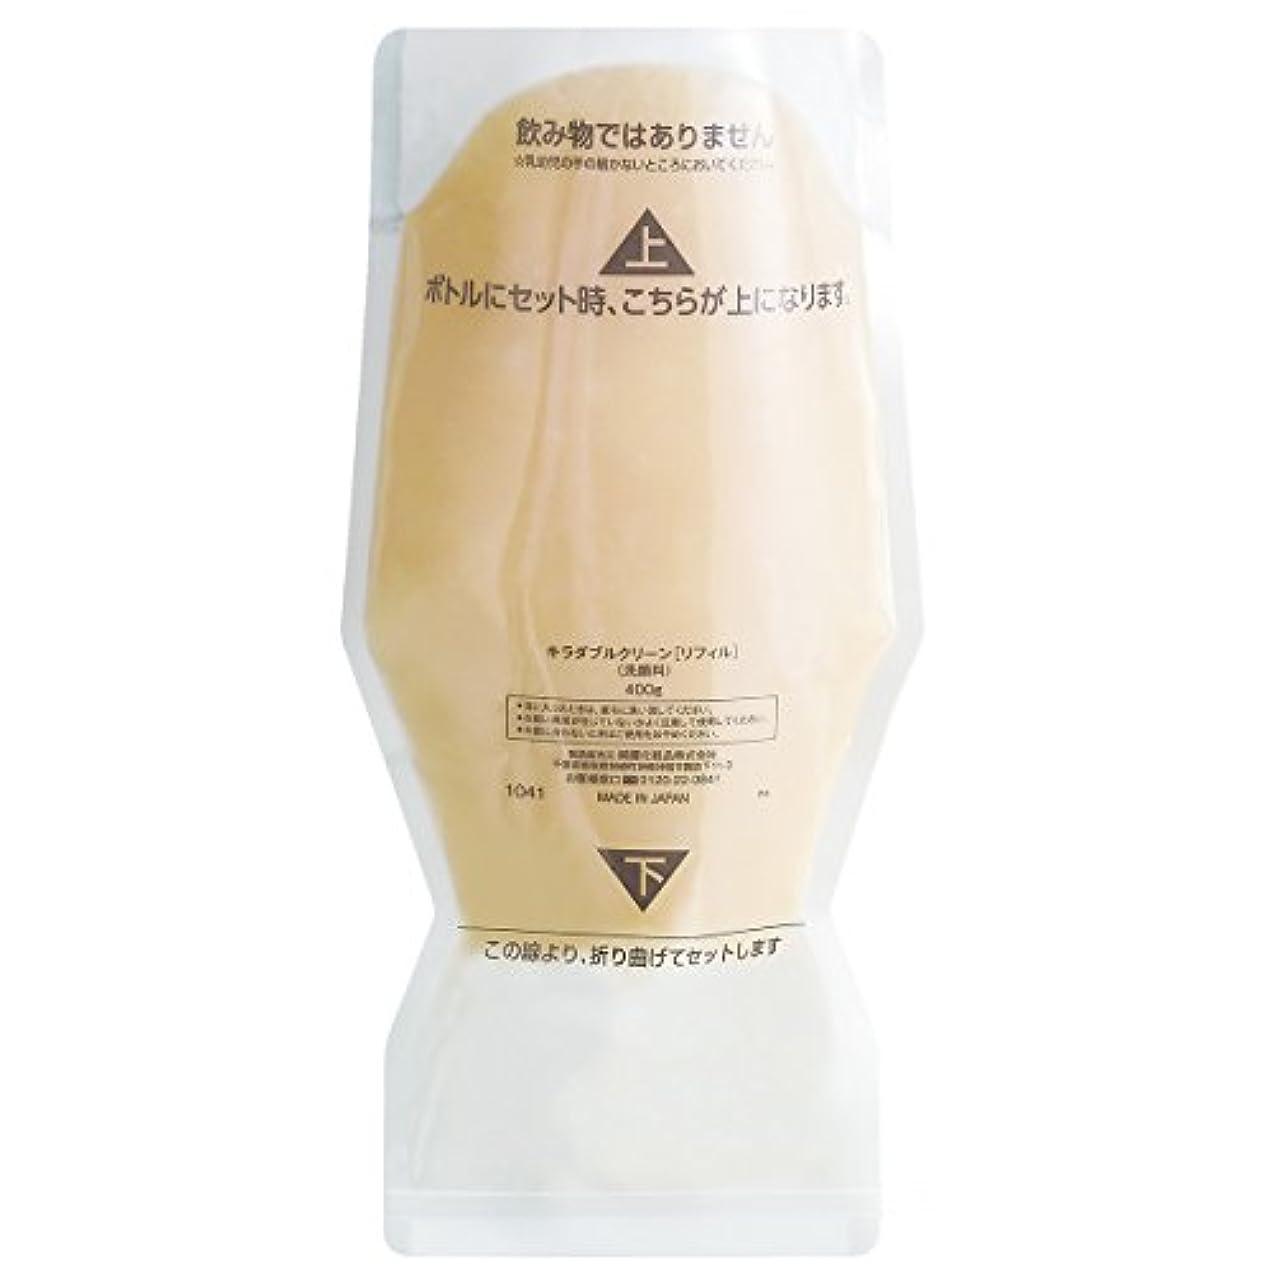 マイコン頑丈繁栄綺羅化粧品 ダブルクリーン 400g (洗顔料)